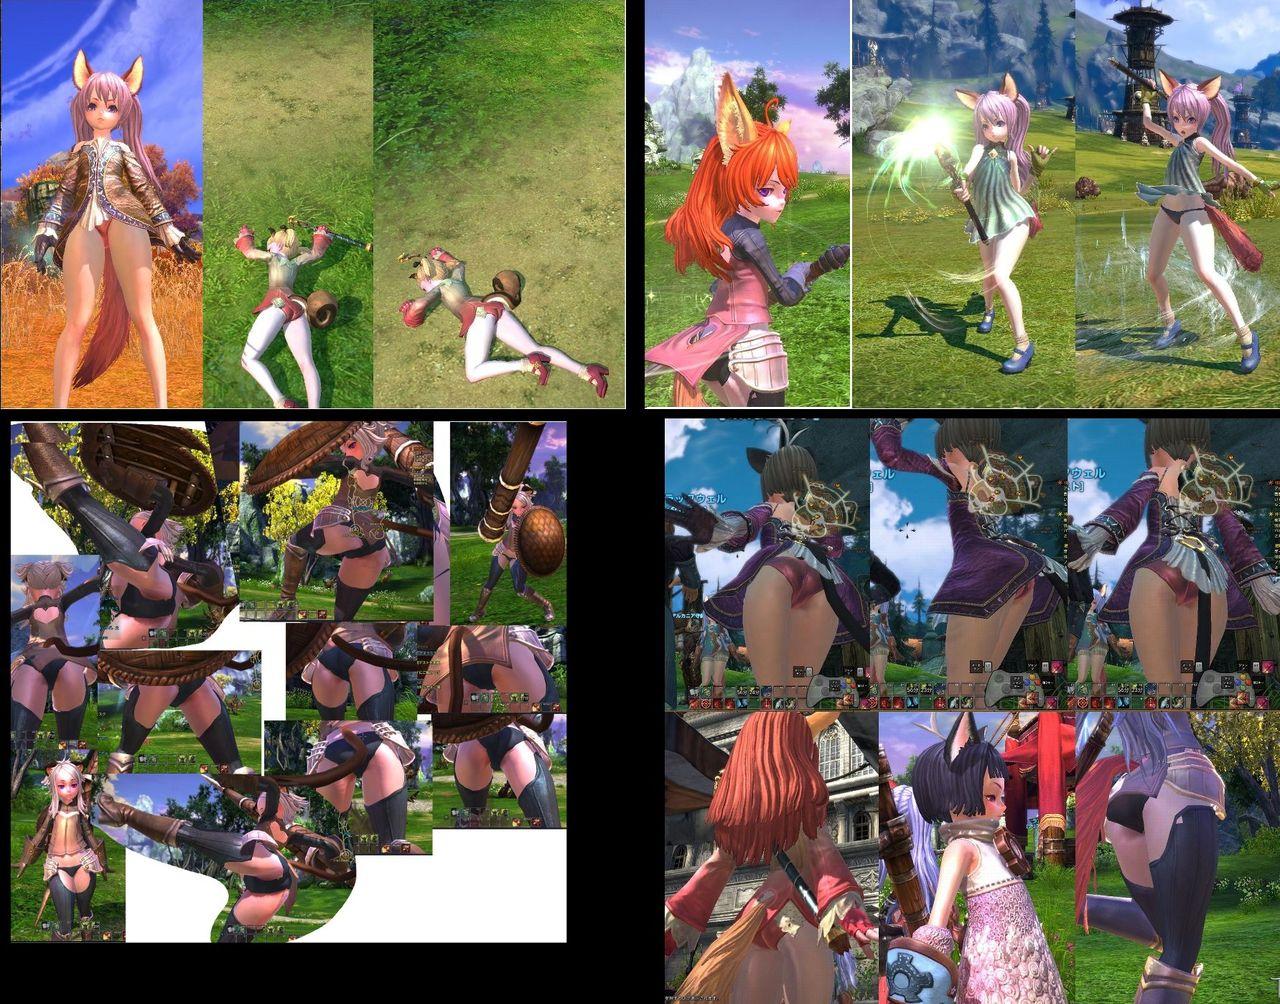 http://livedoor.2.blogimg.jp/newstwo/imgs/f/4/f42a9455.jpg